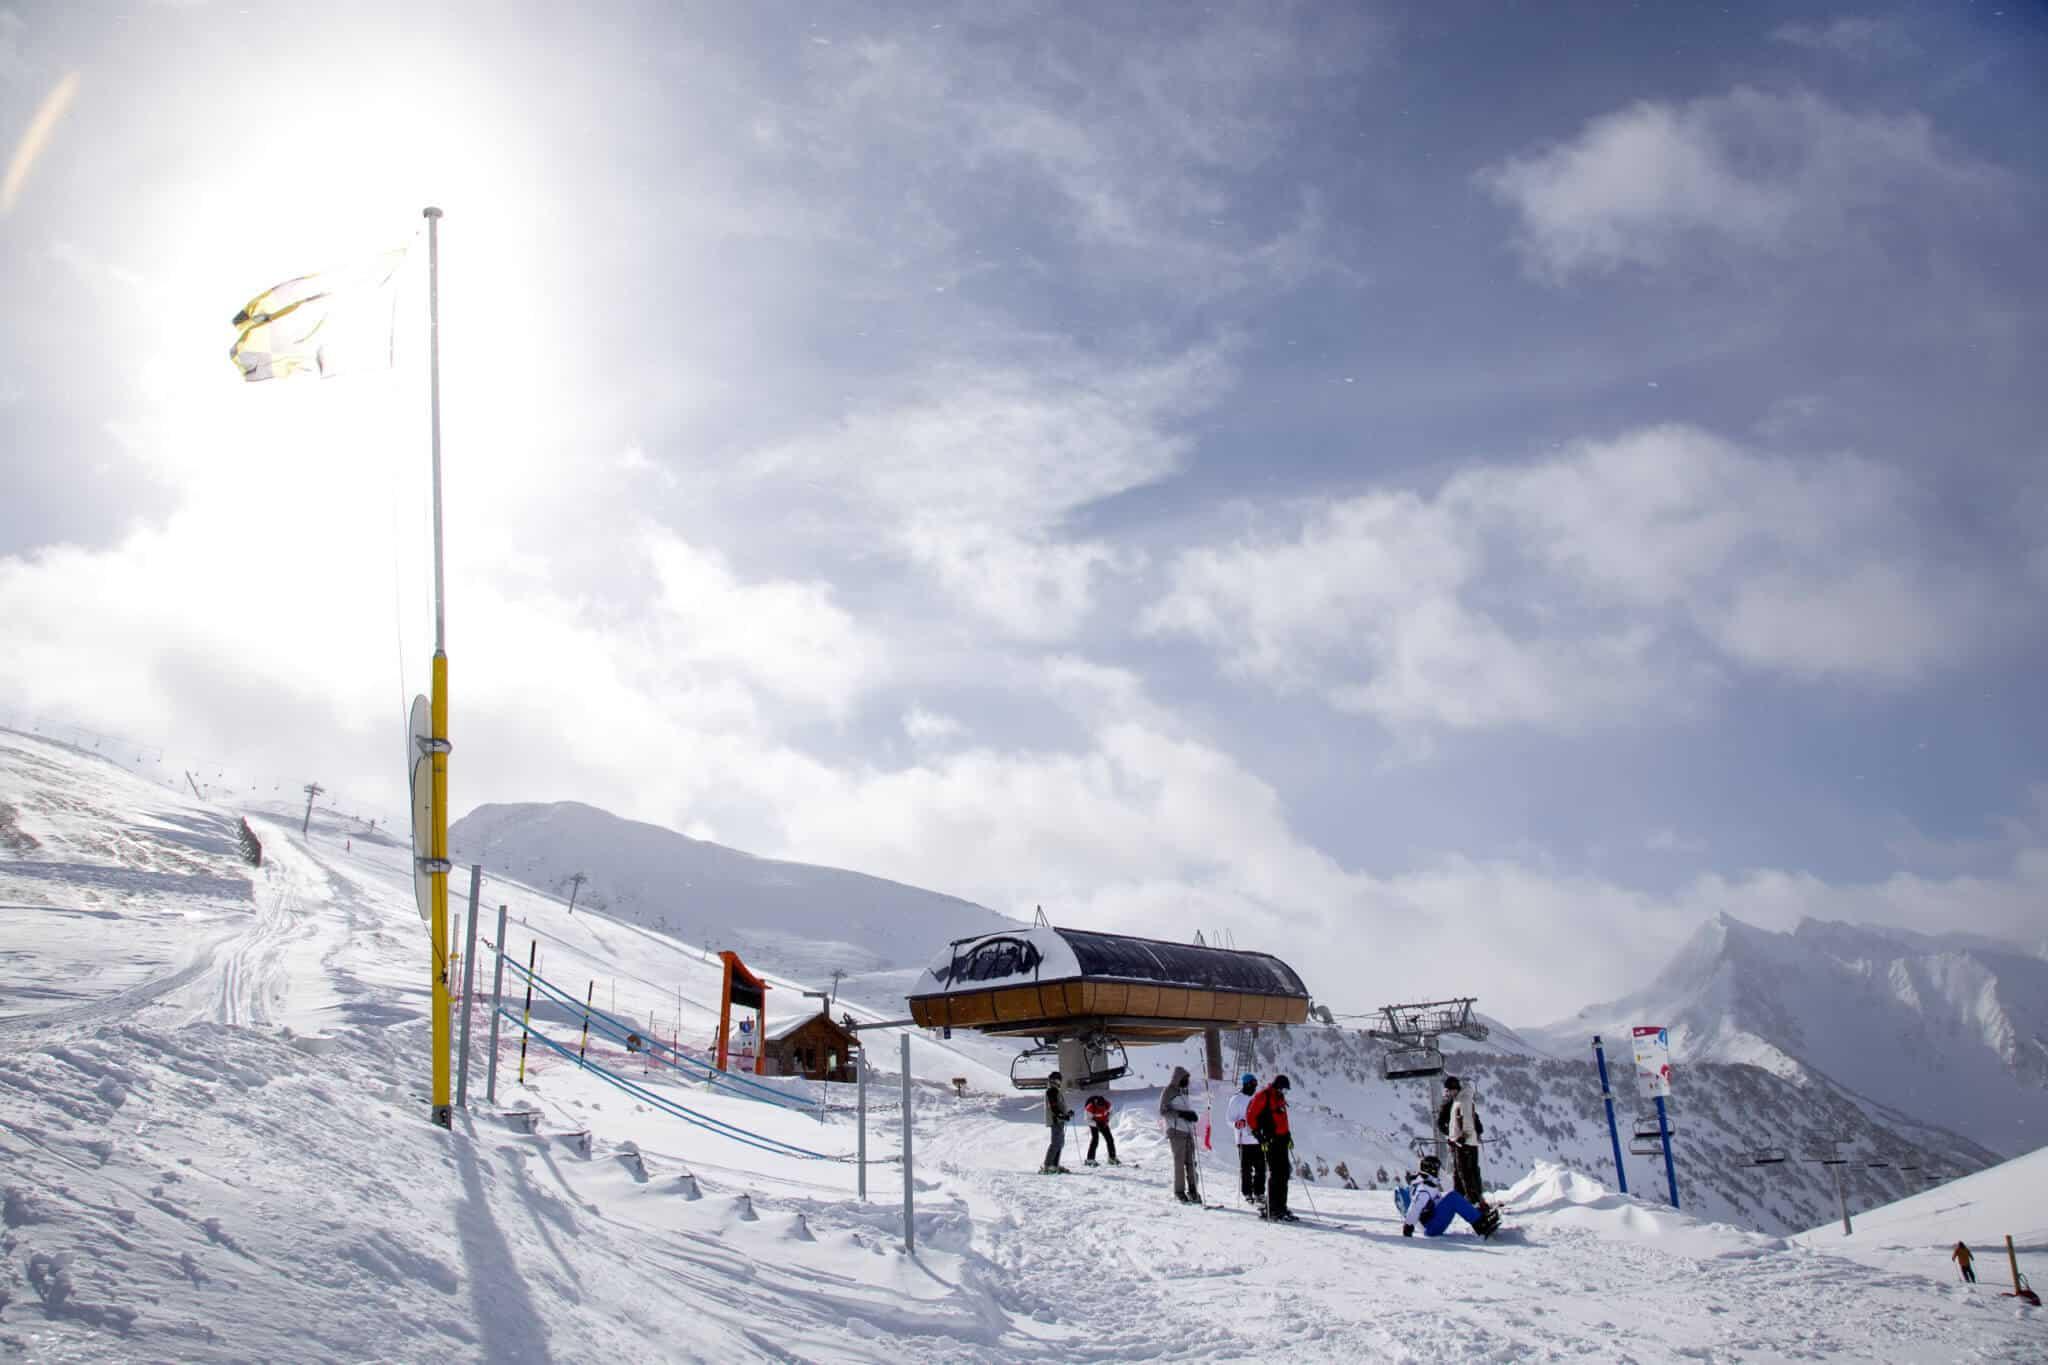 Saint-Lary offre 3 secteurs de glisse pour toujours plus de ski